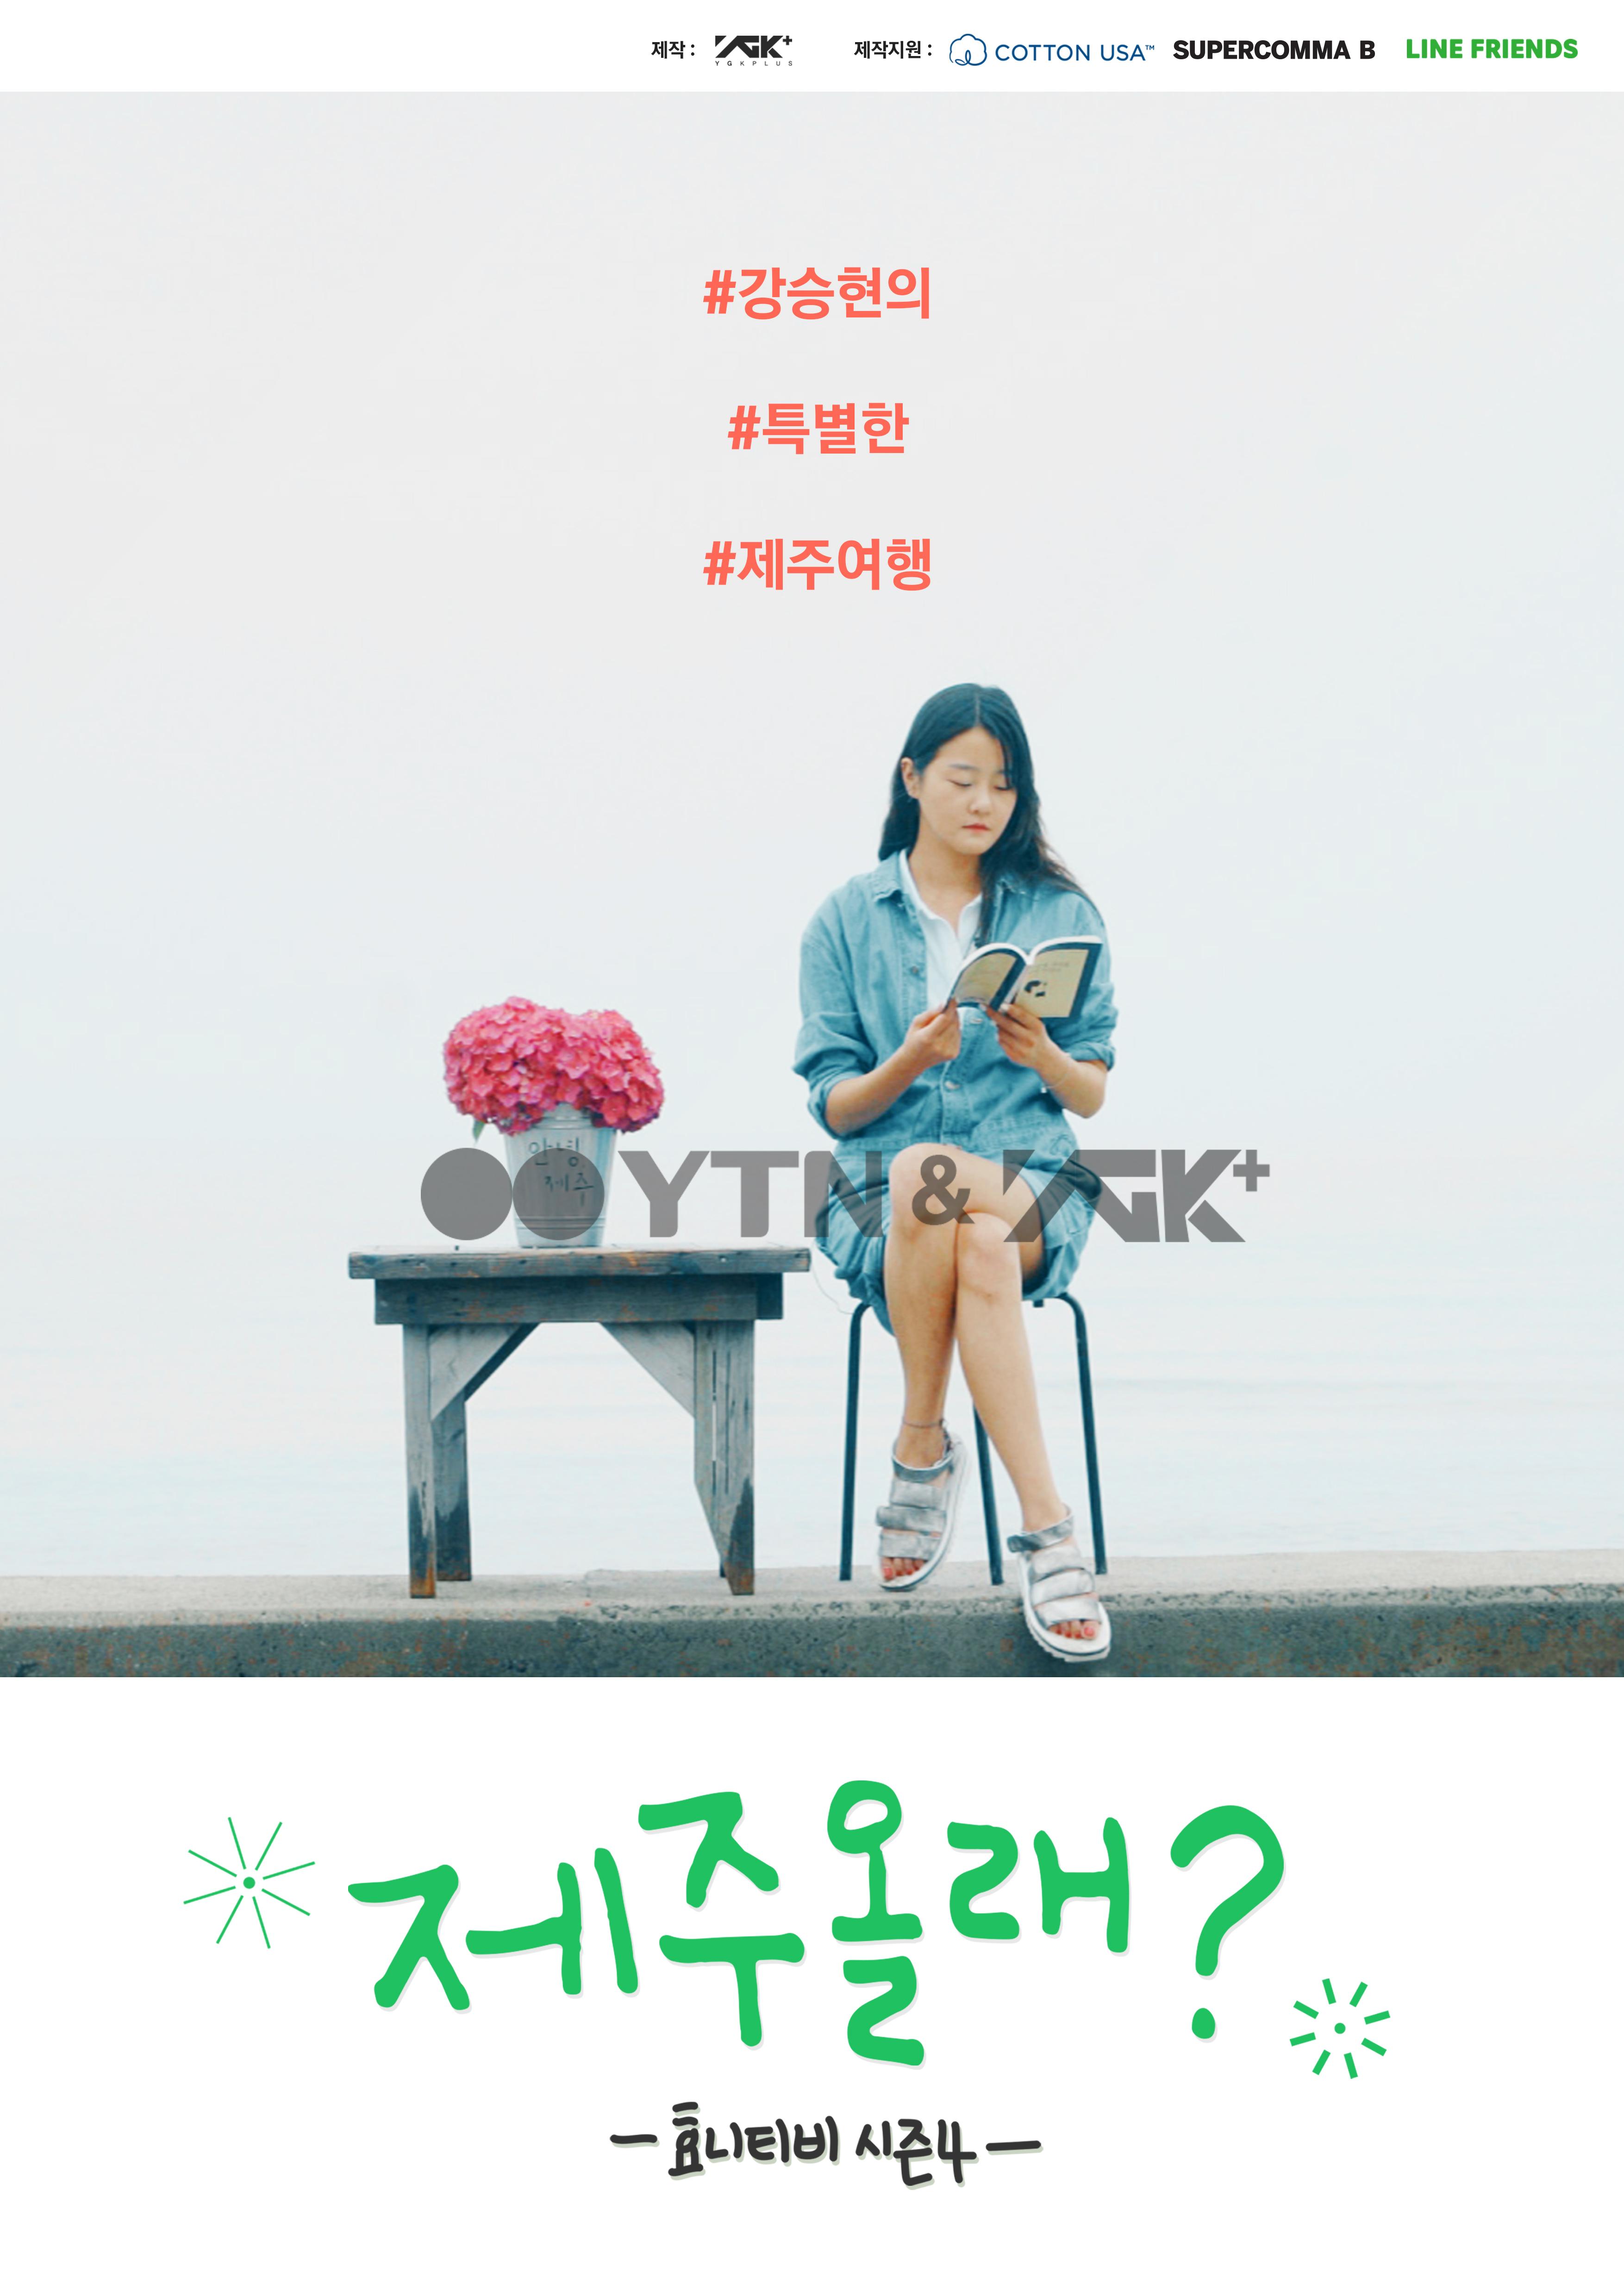 '효니TV 시즌4-제주올래?' 네이버 TV캐스트 통해 첫 방송!